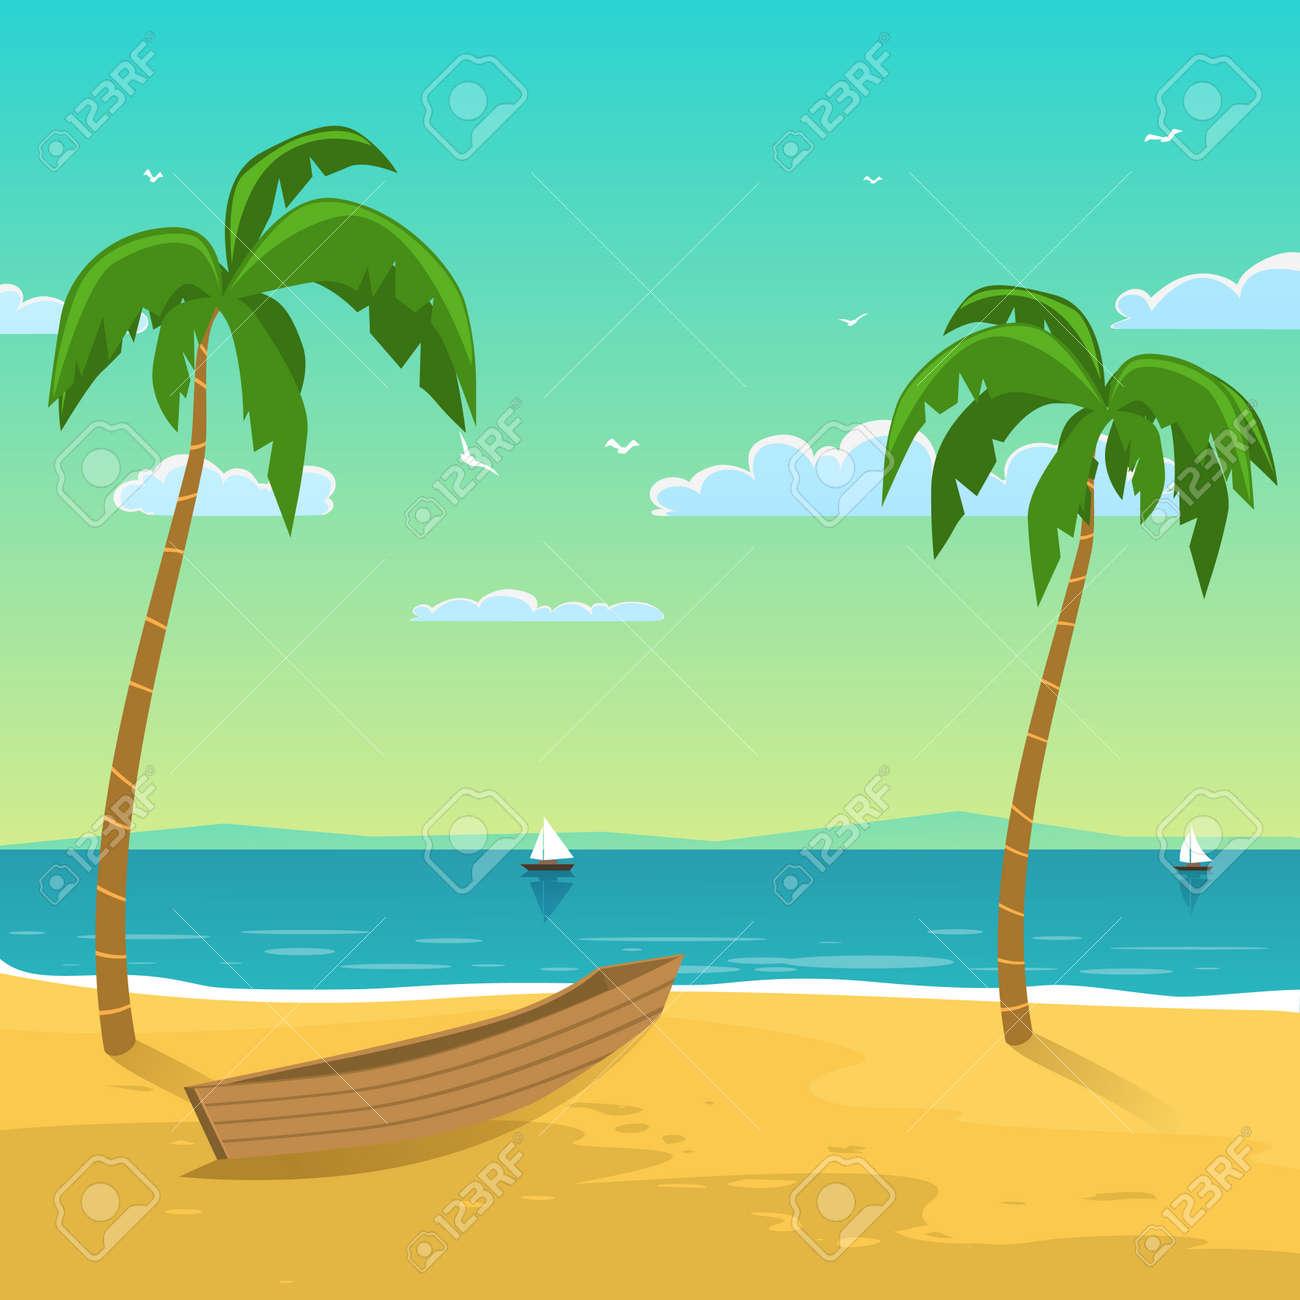 Paisaje Marino Con El Barco En La Playa Con Palmeras Fondo De La